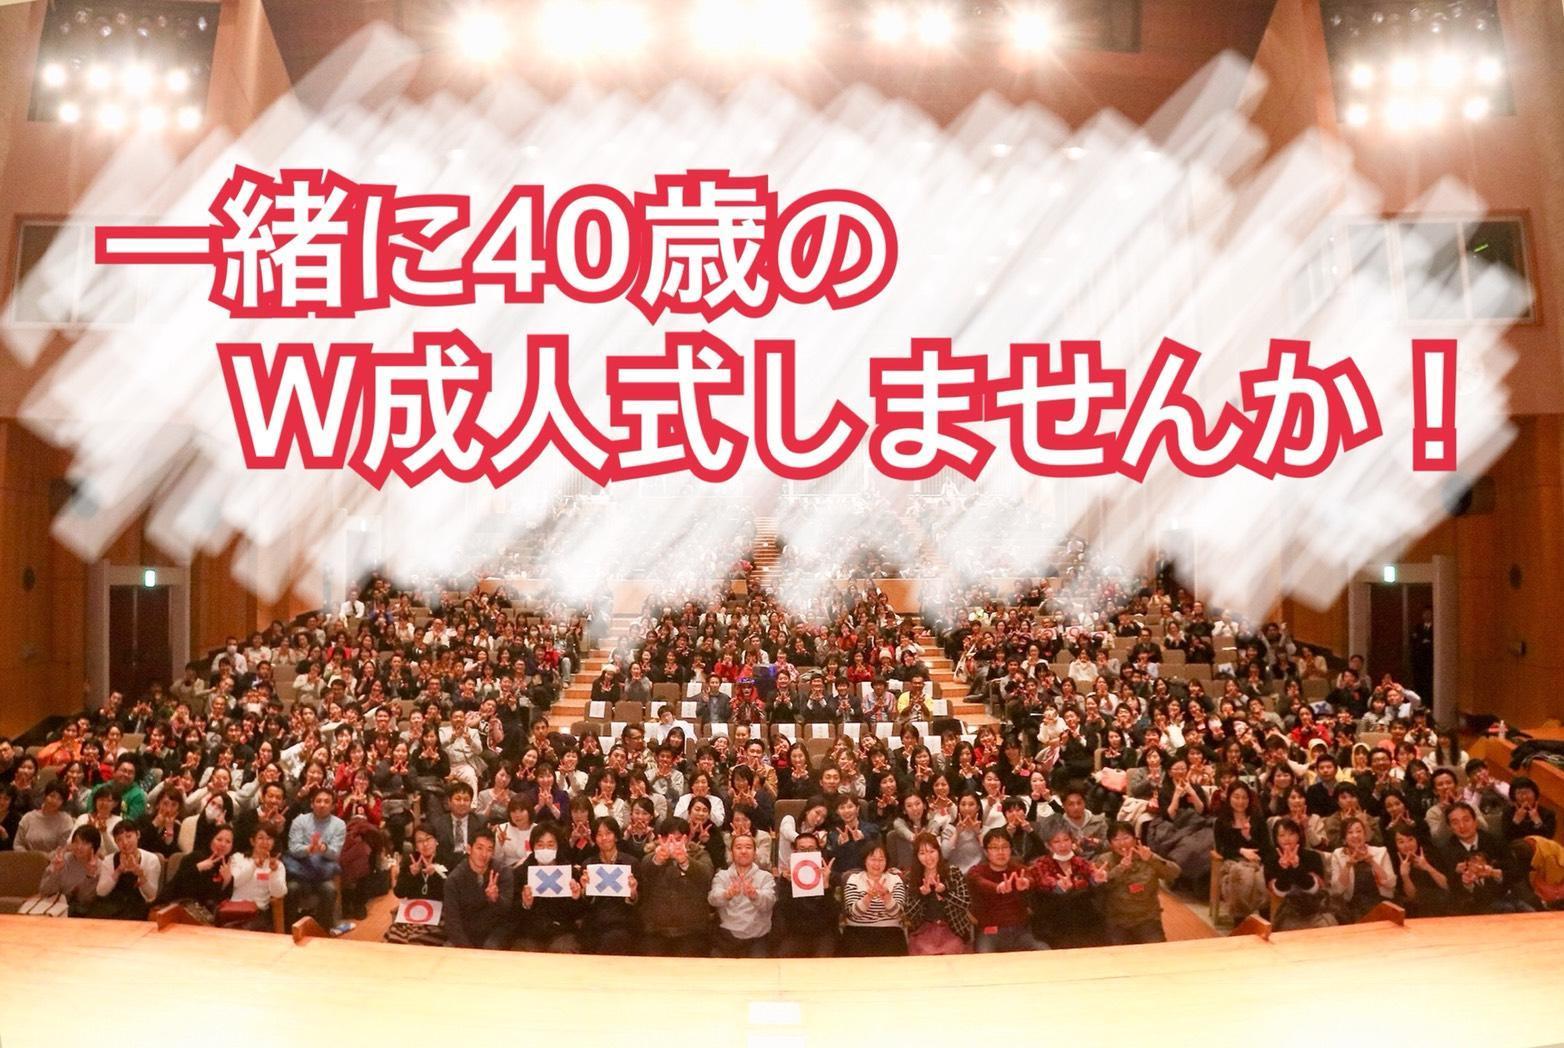 http://news.yoshimoto.co.jp/20181108114209-93baabb5f1b4001fe520e18d6e86106fcf66b3ed.jpg